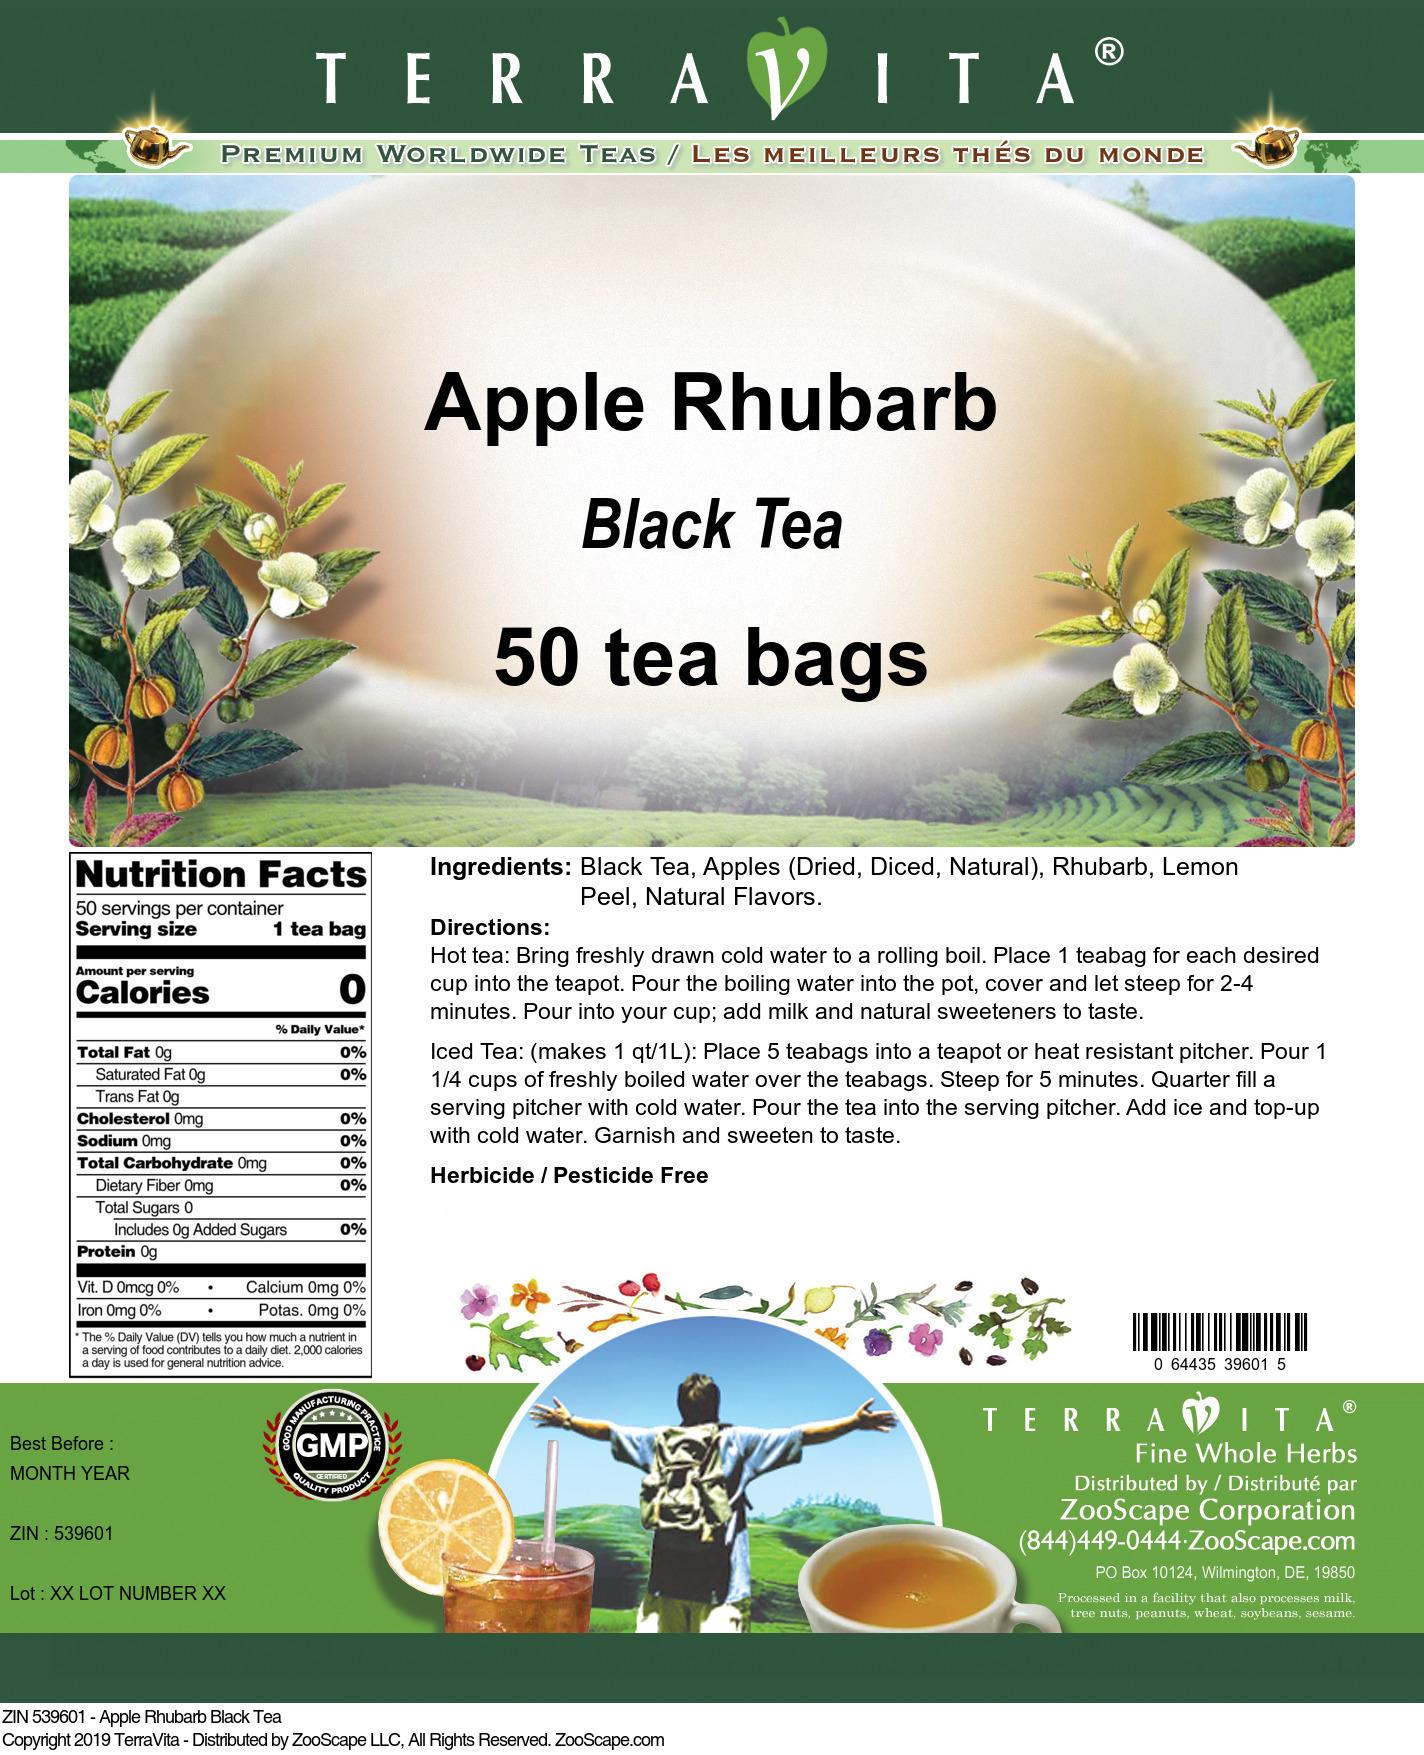 Apple Rhubarb Black Tea